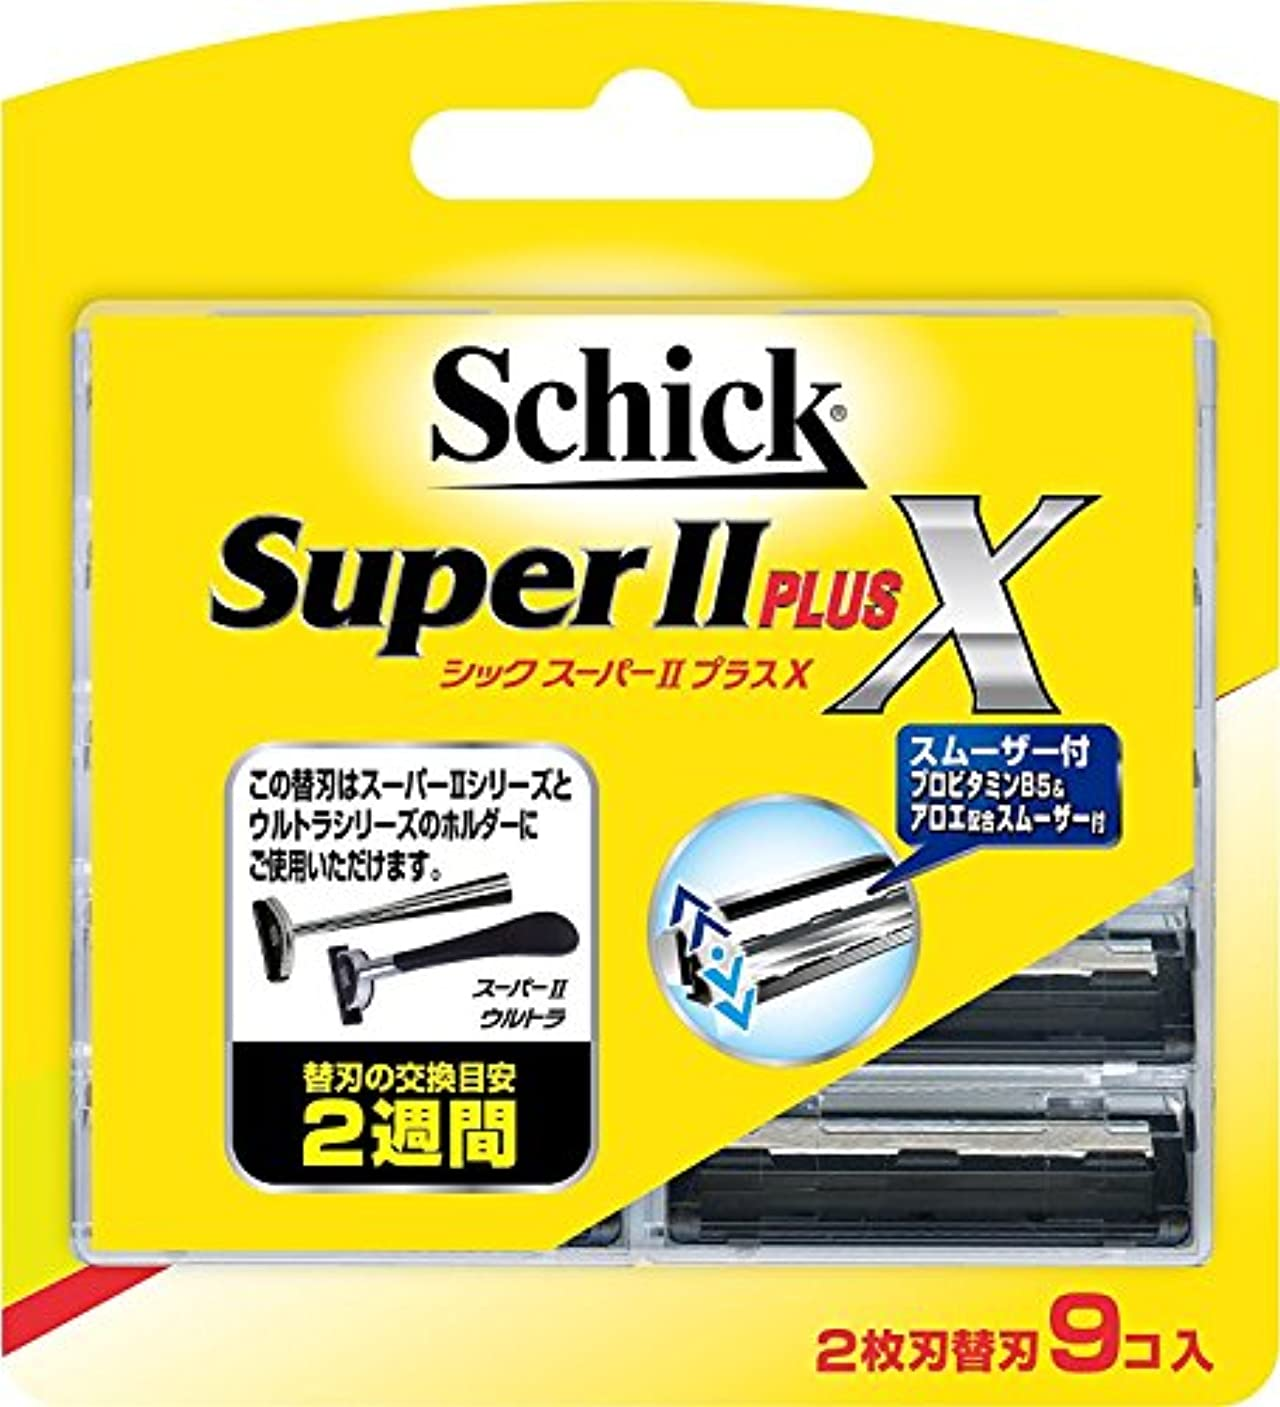 プロット太い油シック Schick スーパーIIプラスX 2枚刃 替刃 (9コ入) ×12個